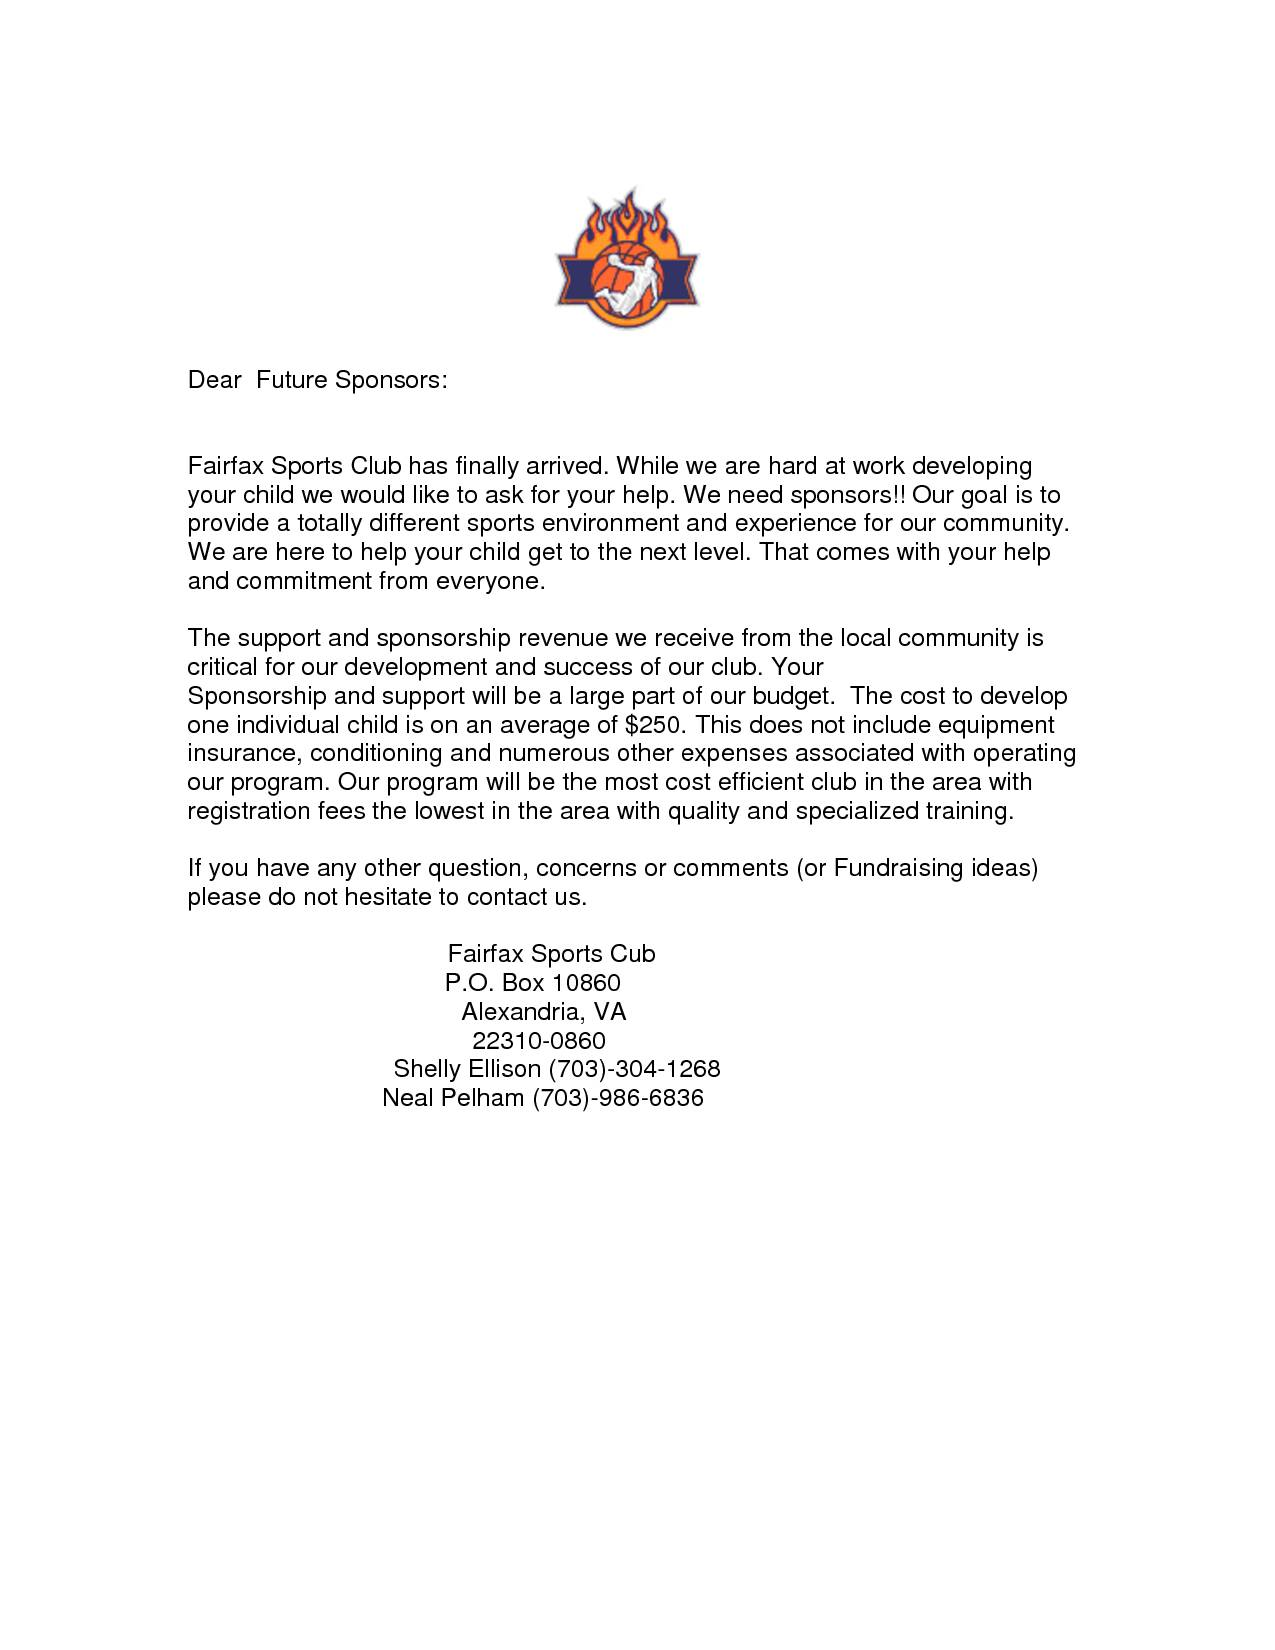 Template For Sports Sponsorship Letter